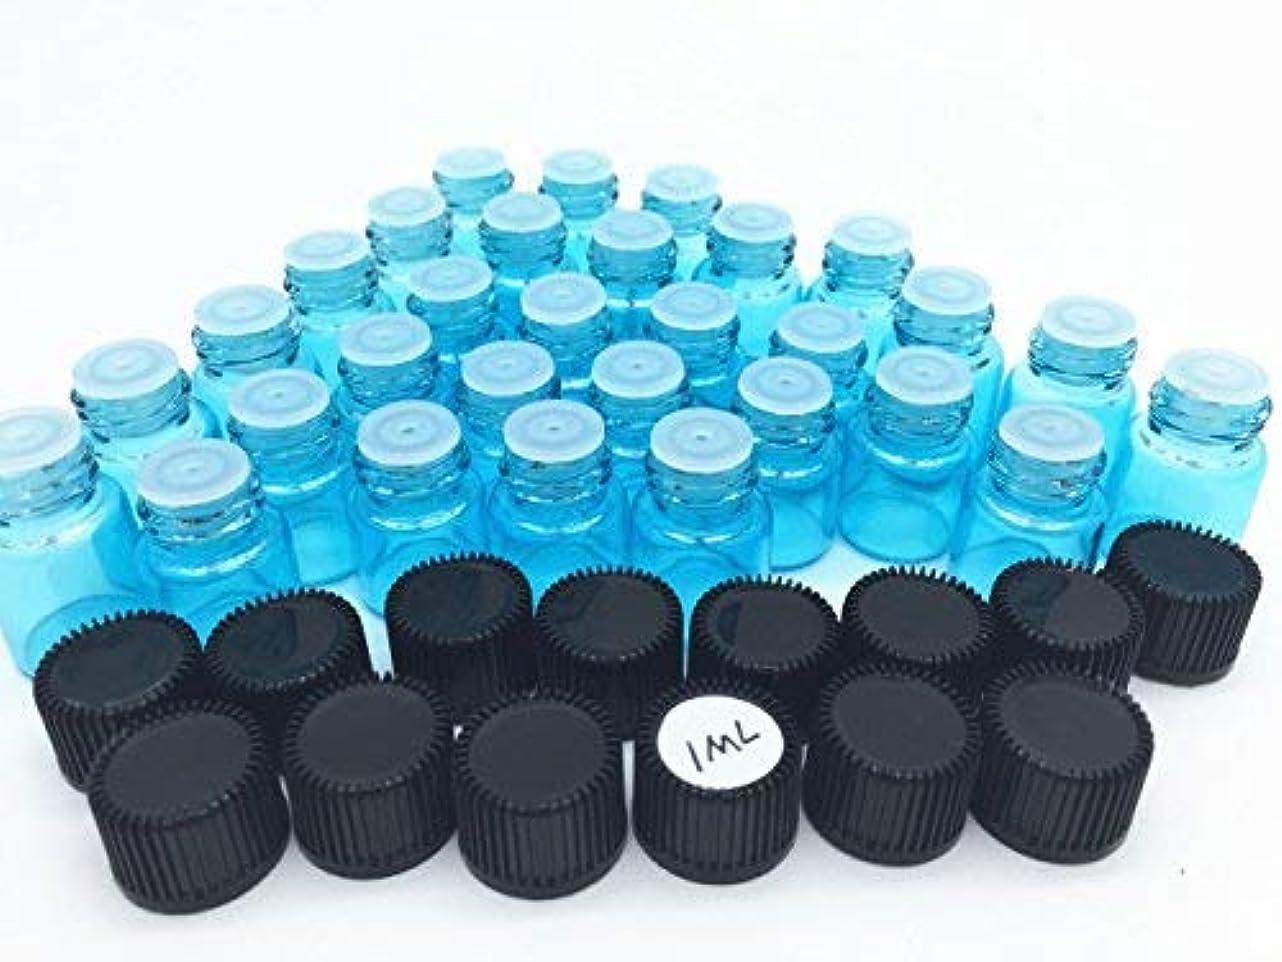 素朴なテレビ局親指Elufly 100pc 1ML/2ML Sky Blue Glass Vials 6 Parts Essential Oil Reagent Bottles (100pc 1ML) [並行輸入品]